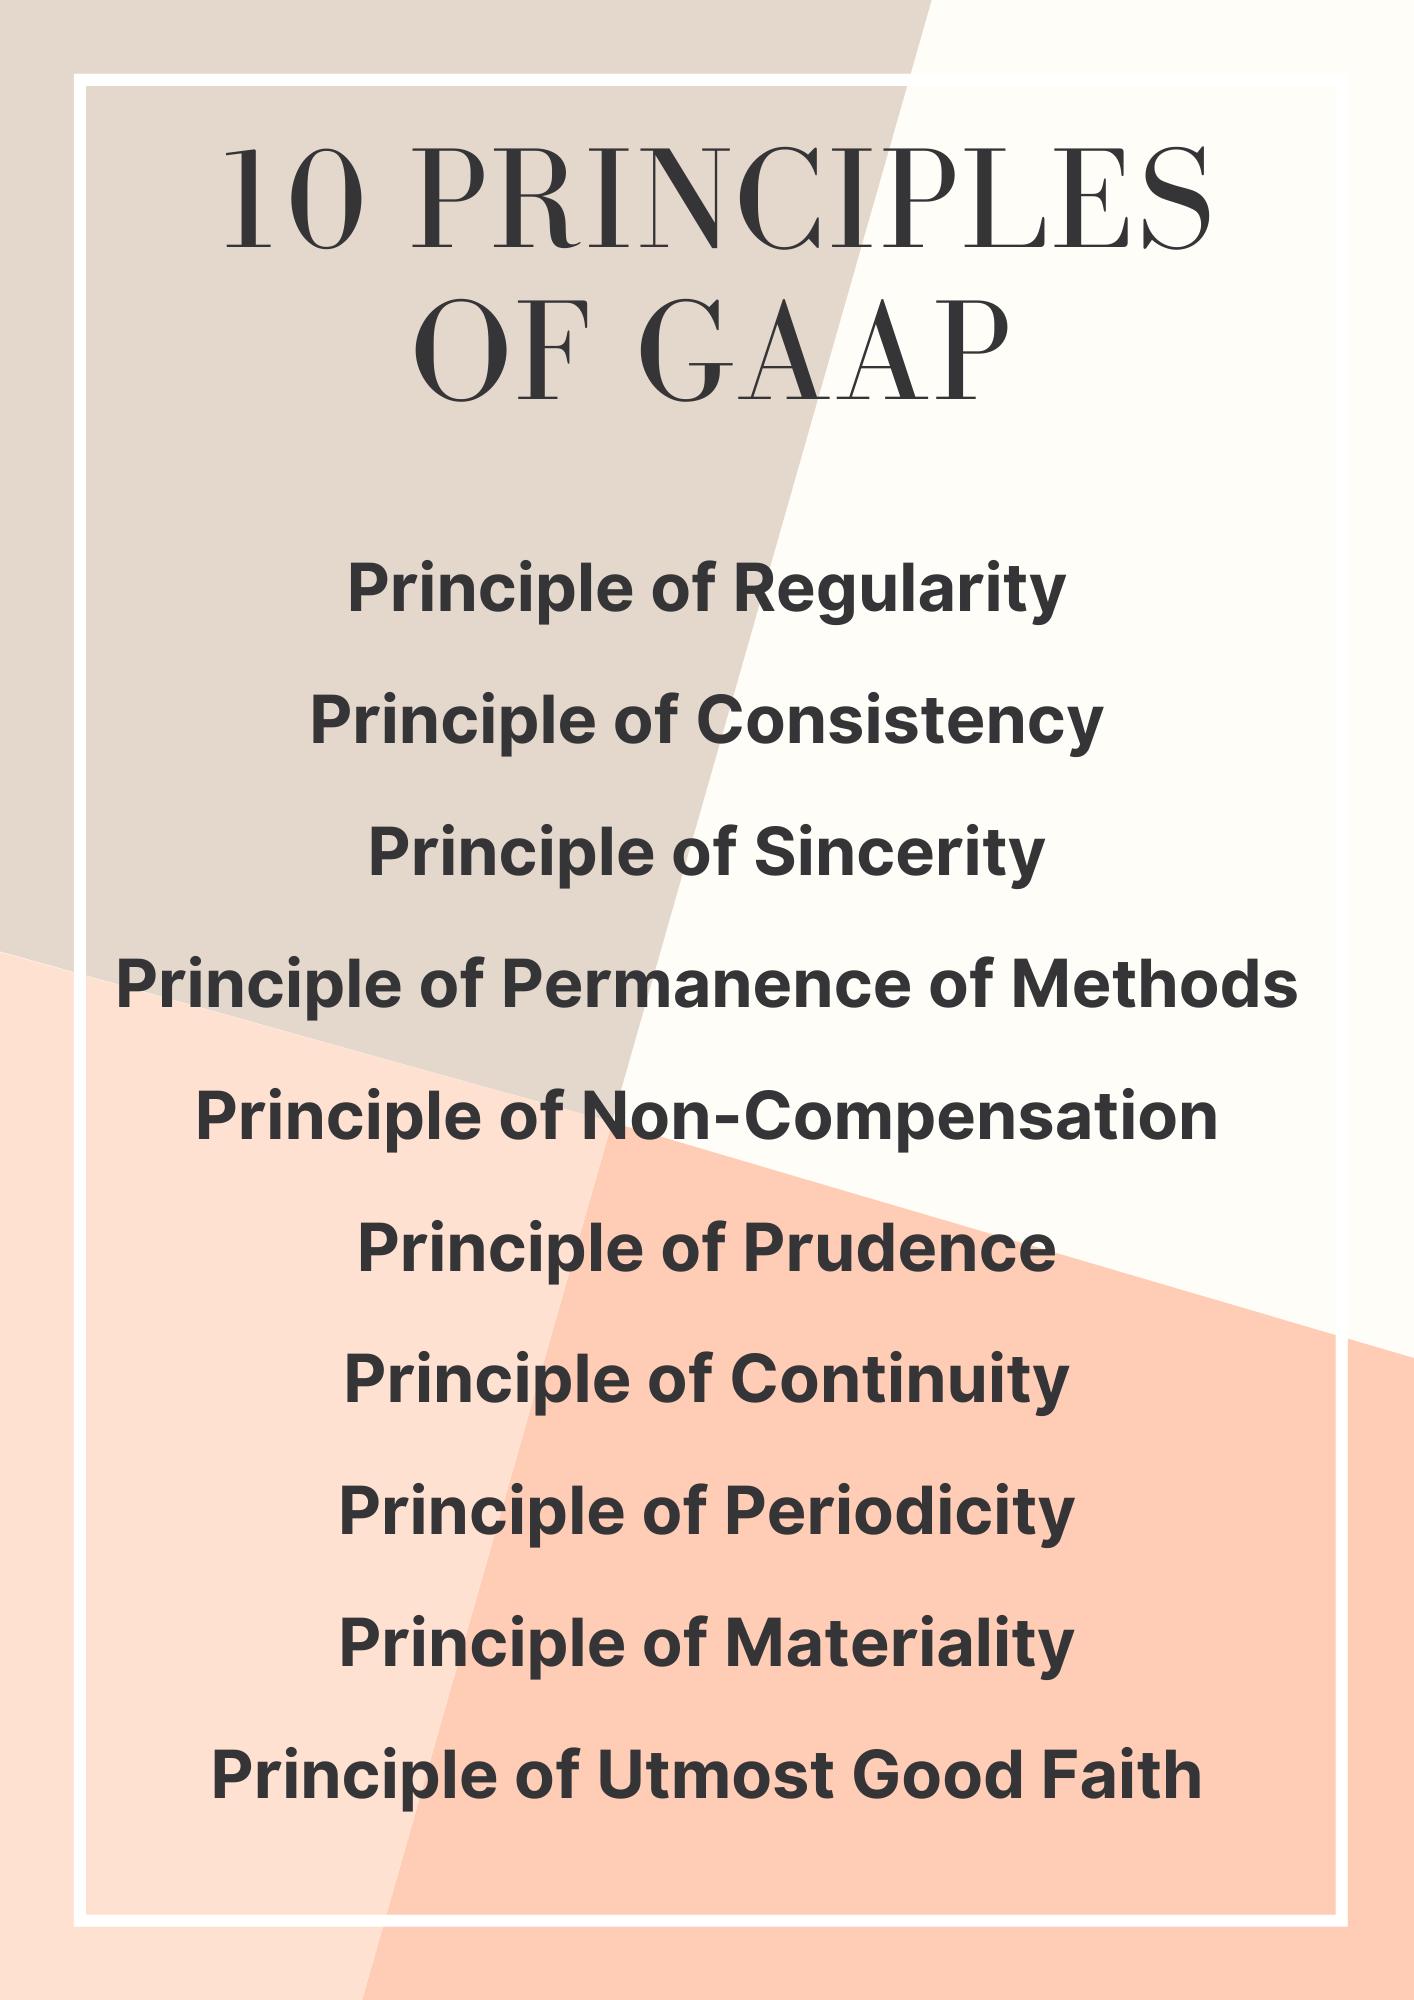 10 Principles of GAAP